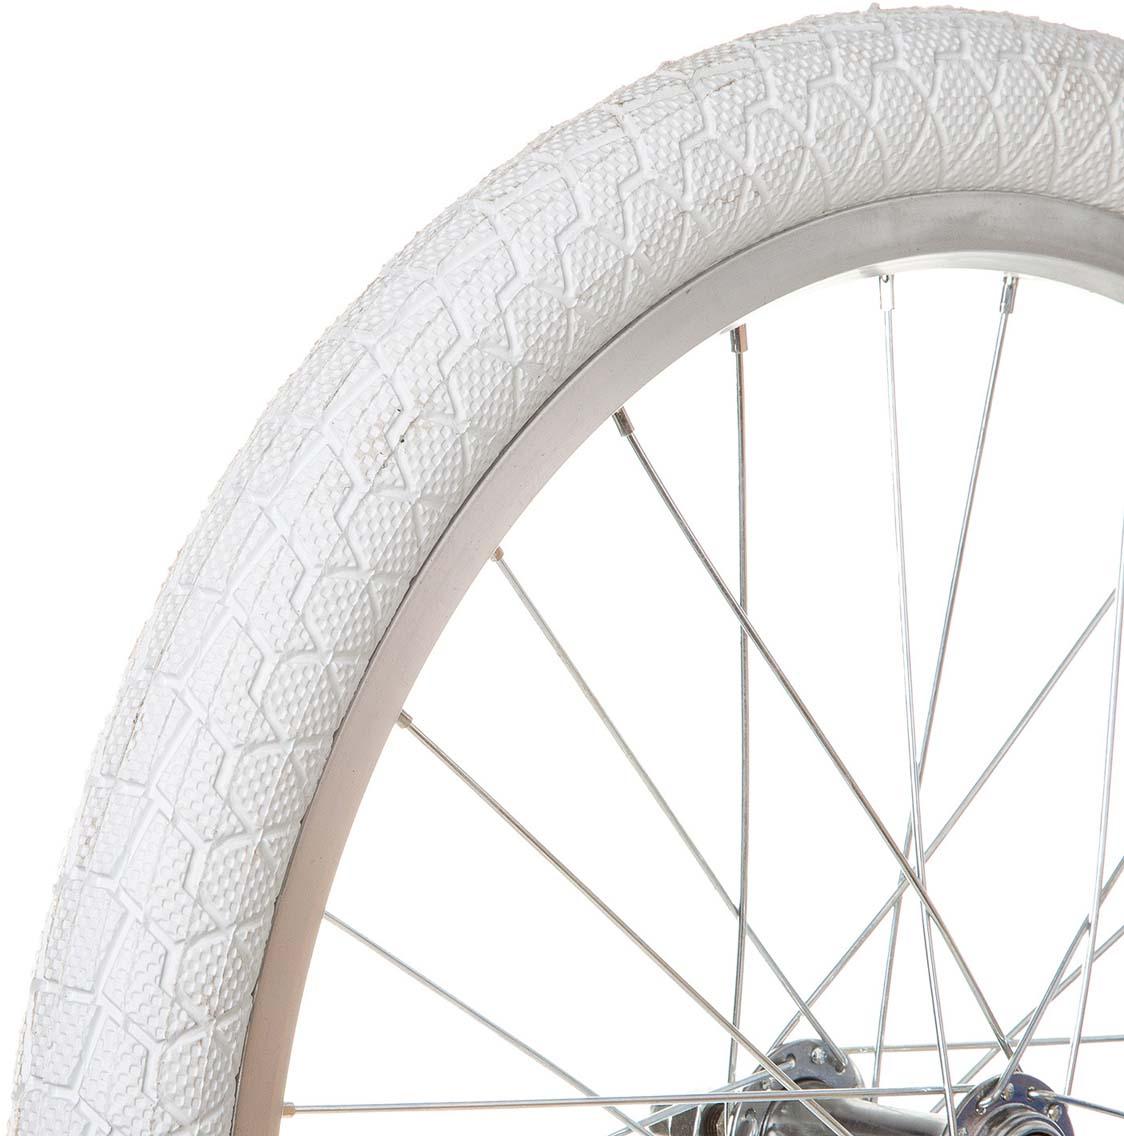 Покрышка велосипедная низкая Kenda Krackpot, 20 х 1.95. 5-527215 (50-406) K907 велосипедная покрышка continental mountain king ii 2 2 27 5 x 2 2 чёрная